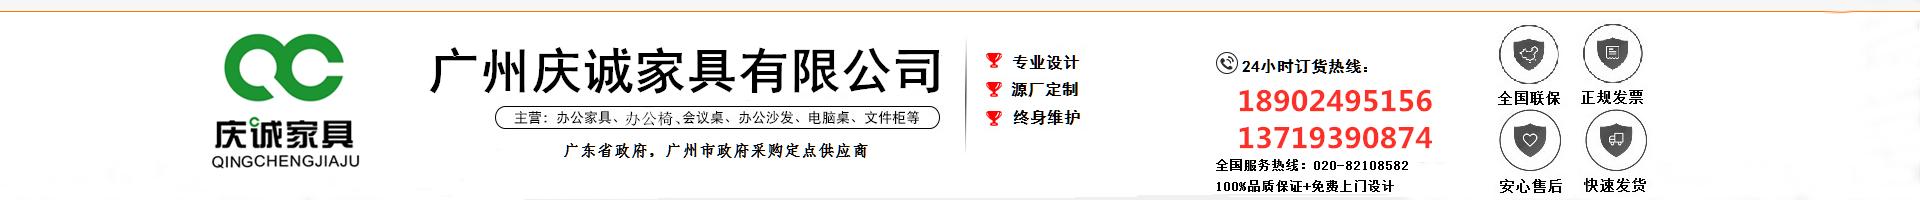 廣州慶誠傢俱有限公司